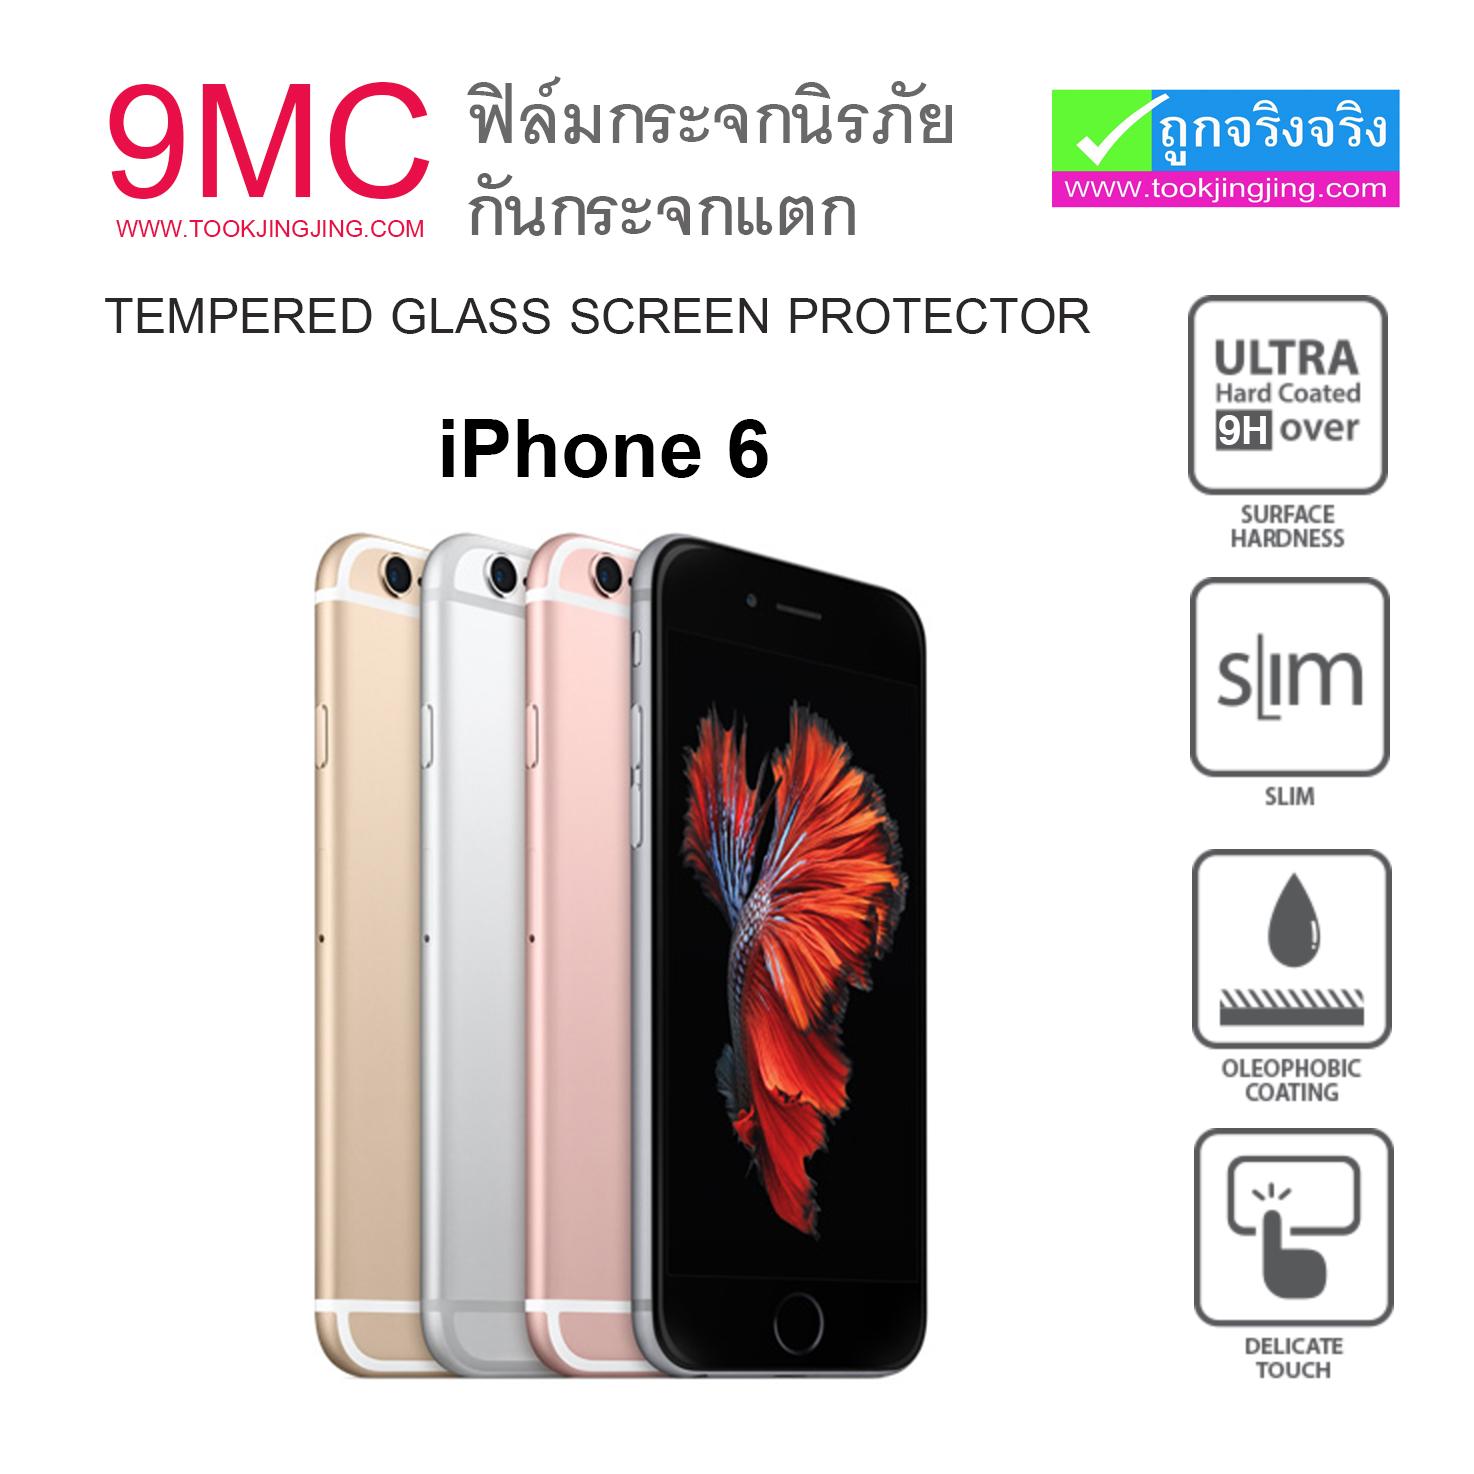 ฟิล์มกระจก iPhone 6/6s 9MC